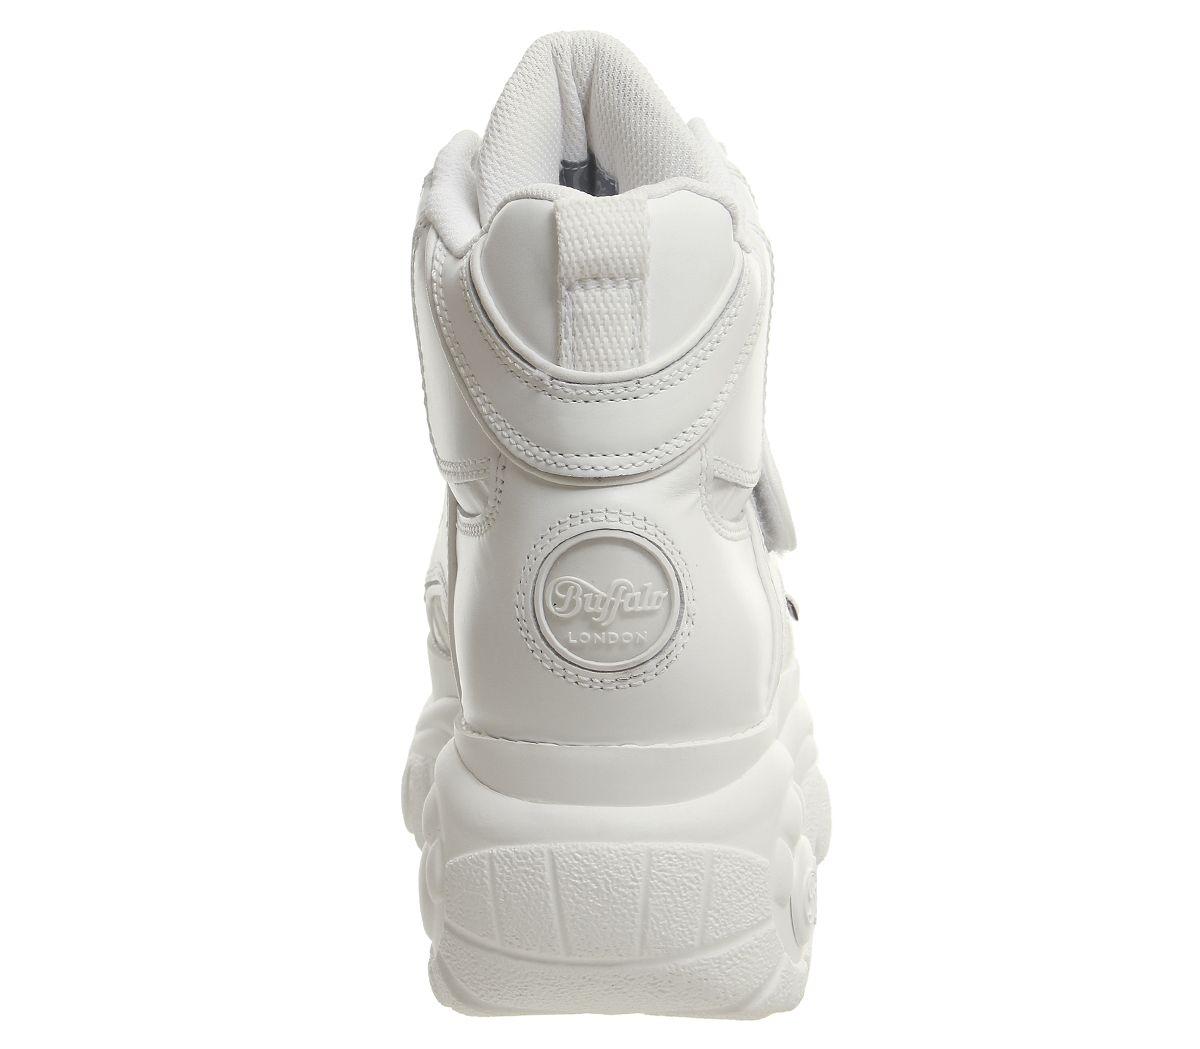 Womens-Buffalo-Buffalo-Classic-High-Sneakers-White-Trainers-Shoes thumbnail 10